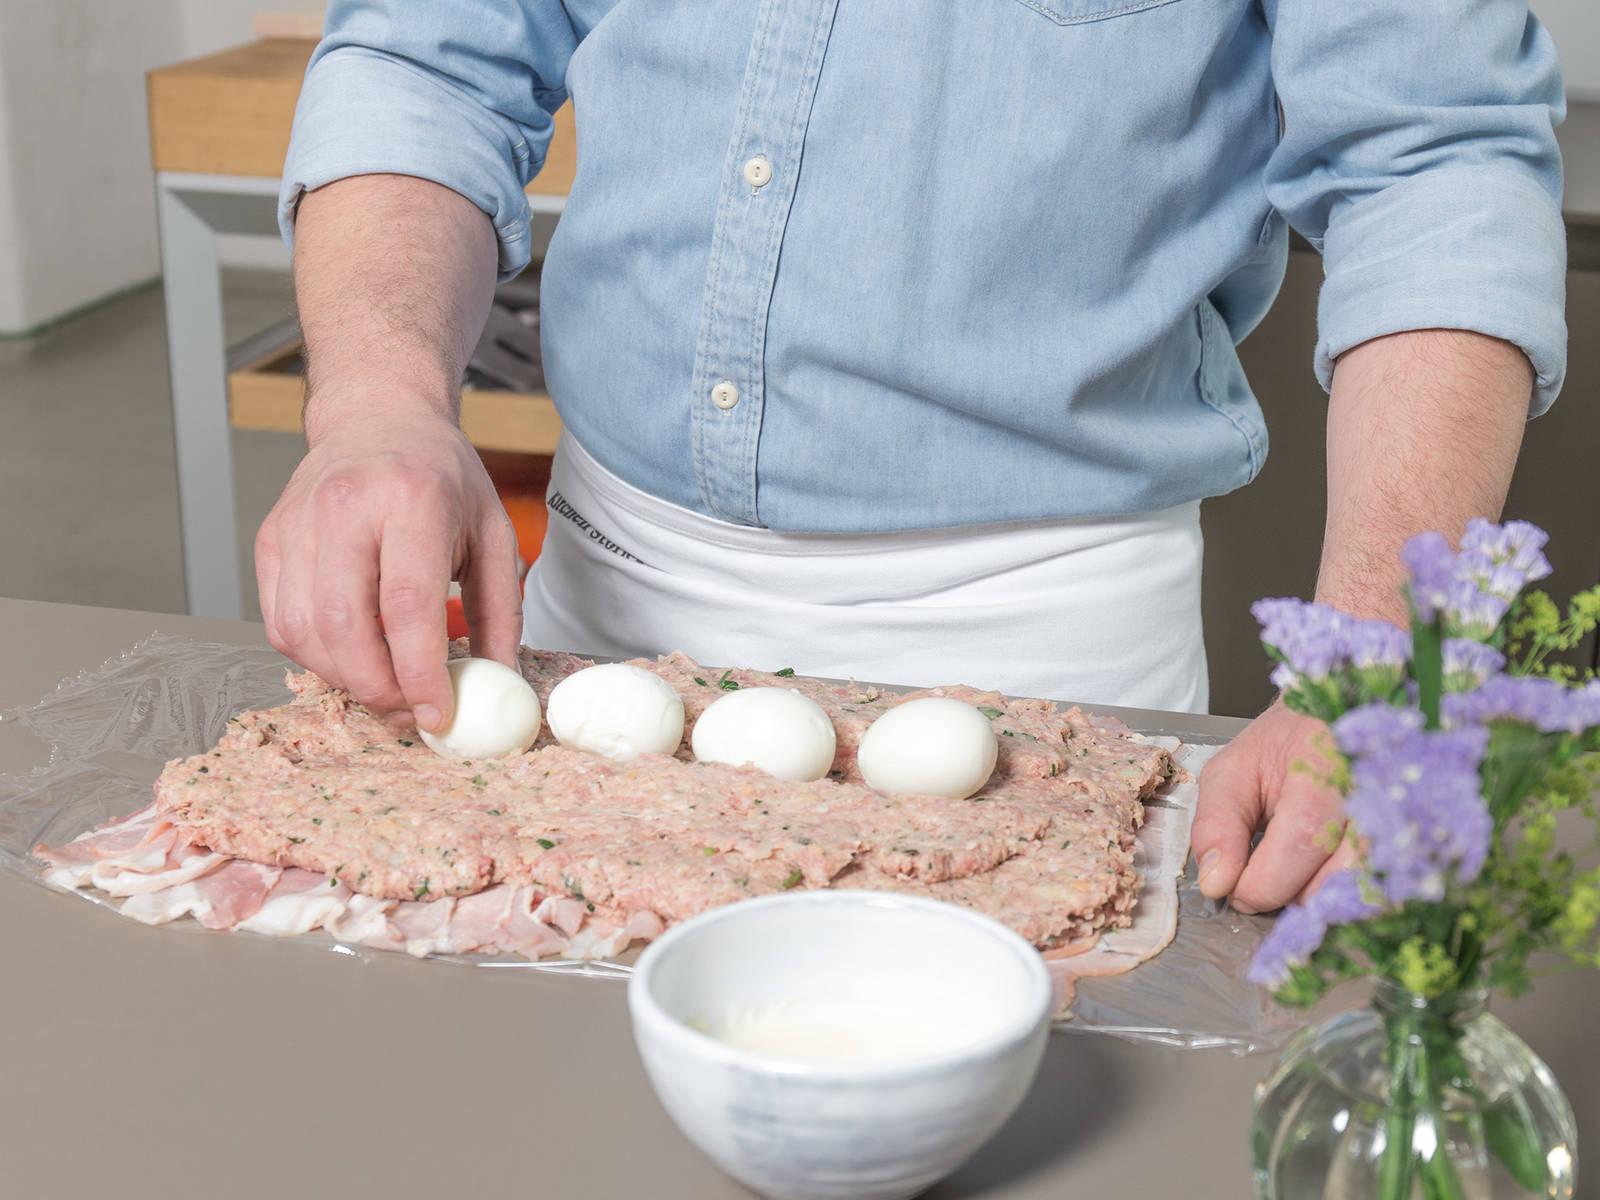 Frischhaltefolie auf der Arbeitsfläche auslegen und Speckscheiben nebeneinander darauflegen. Fleischmasse  darauf verteilen, die gekochten Eier nebeneinander mittig auf die Masse legen. Mit Hilfe der Frischhaltefolie zu einem Bratling formen und mit Speck ummanteln.